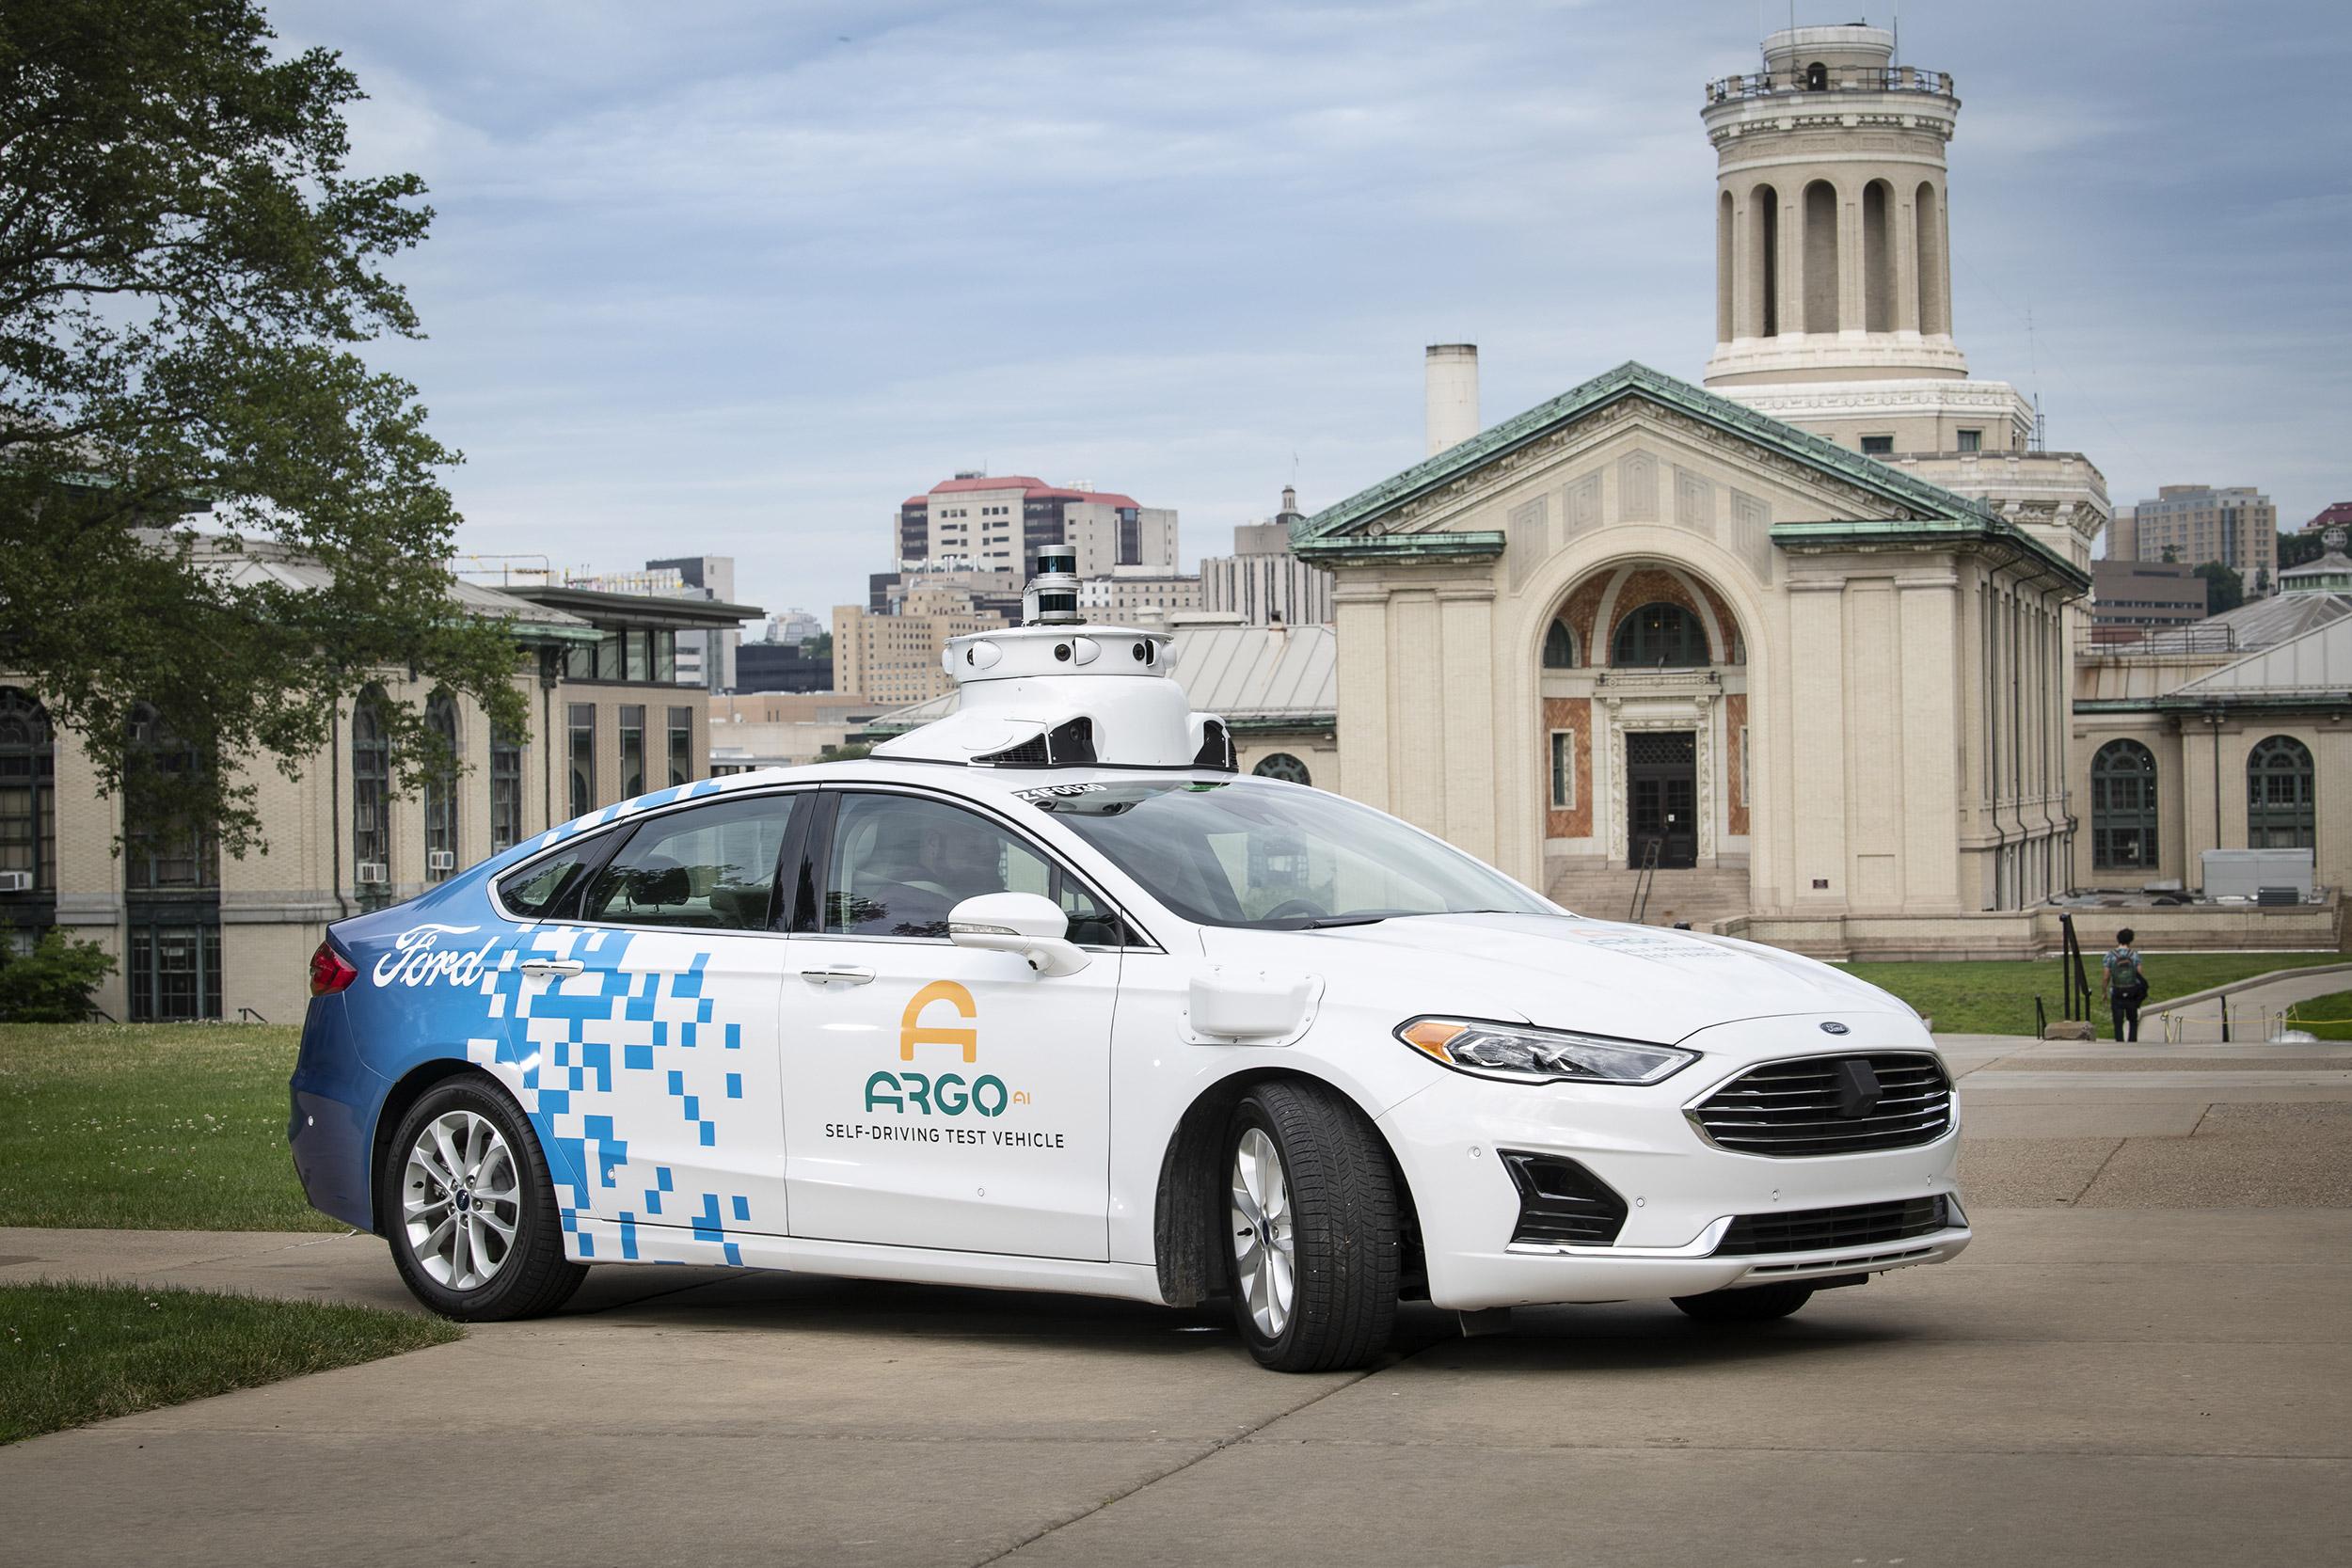 Volkswagen injecte 2,6 milliards de dollars dans Argo AI, une start-up spécialisée dans le véhicule autonome